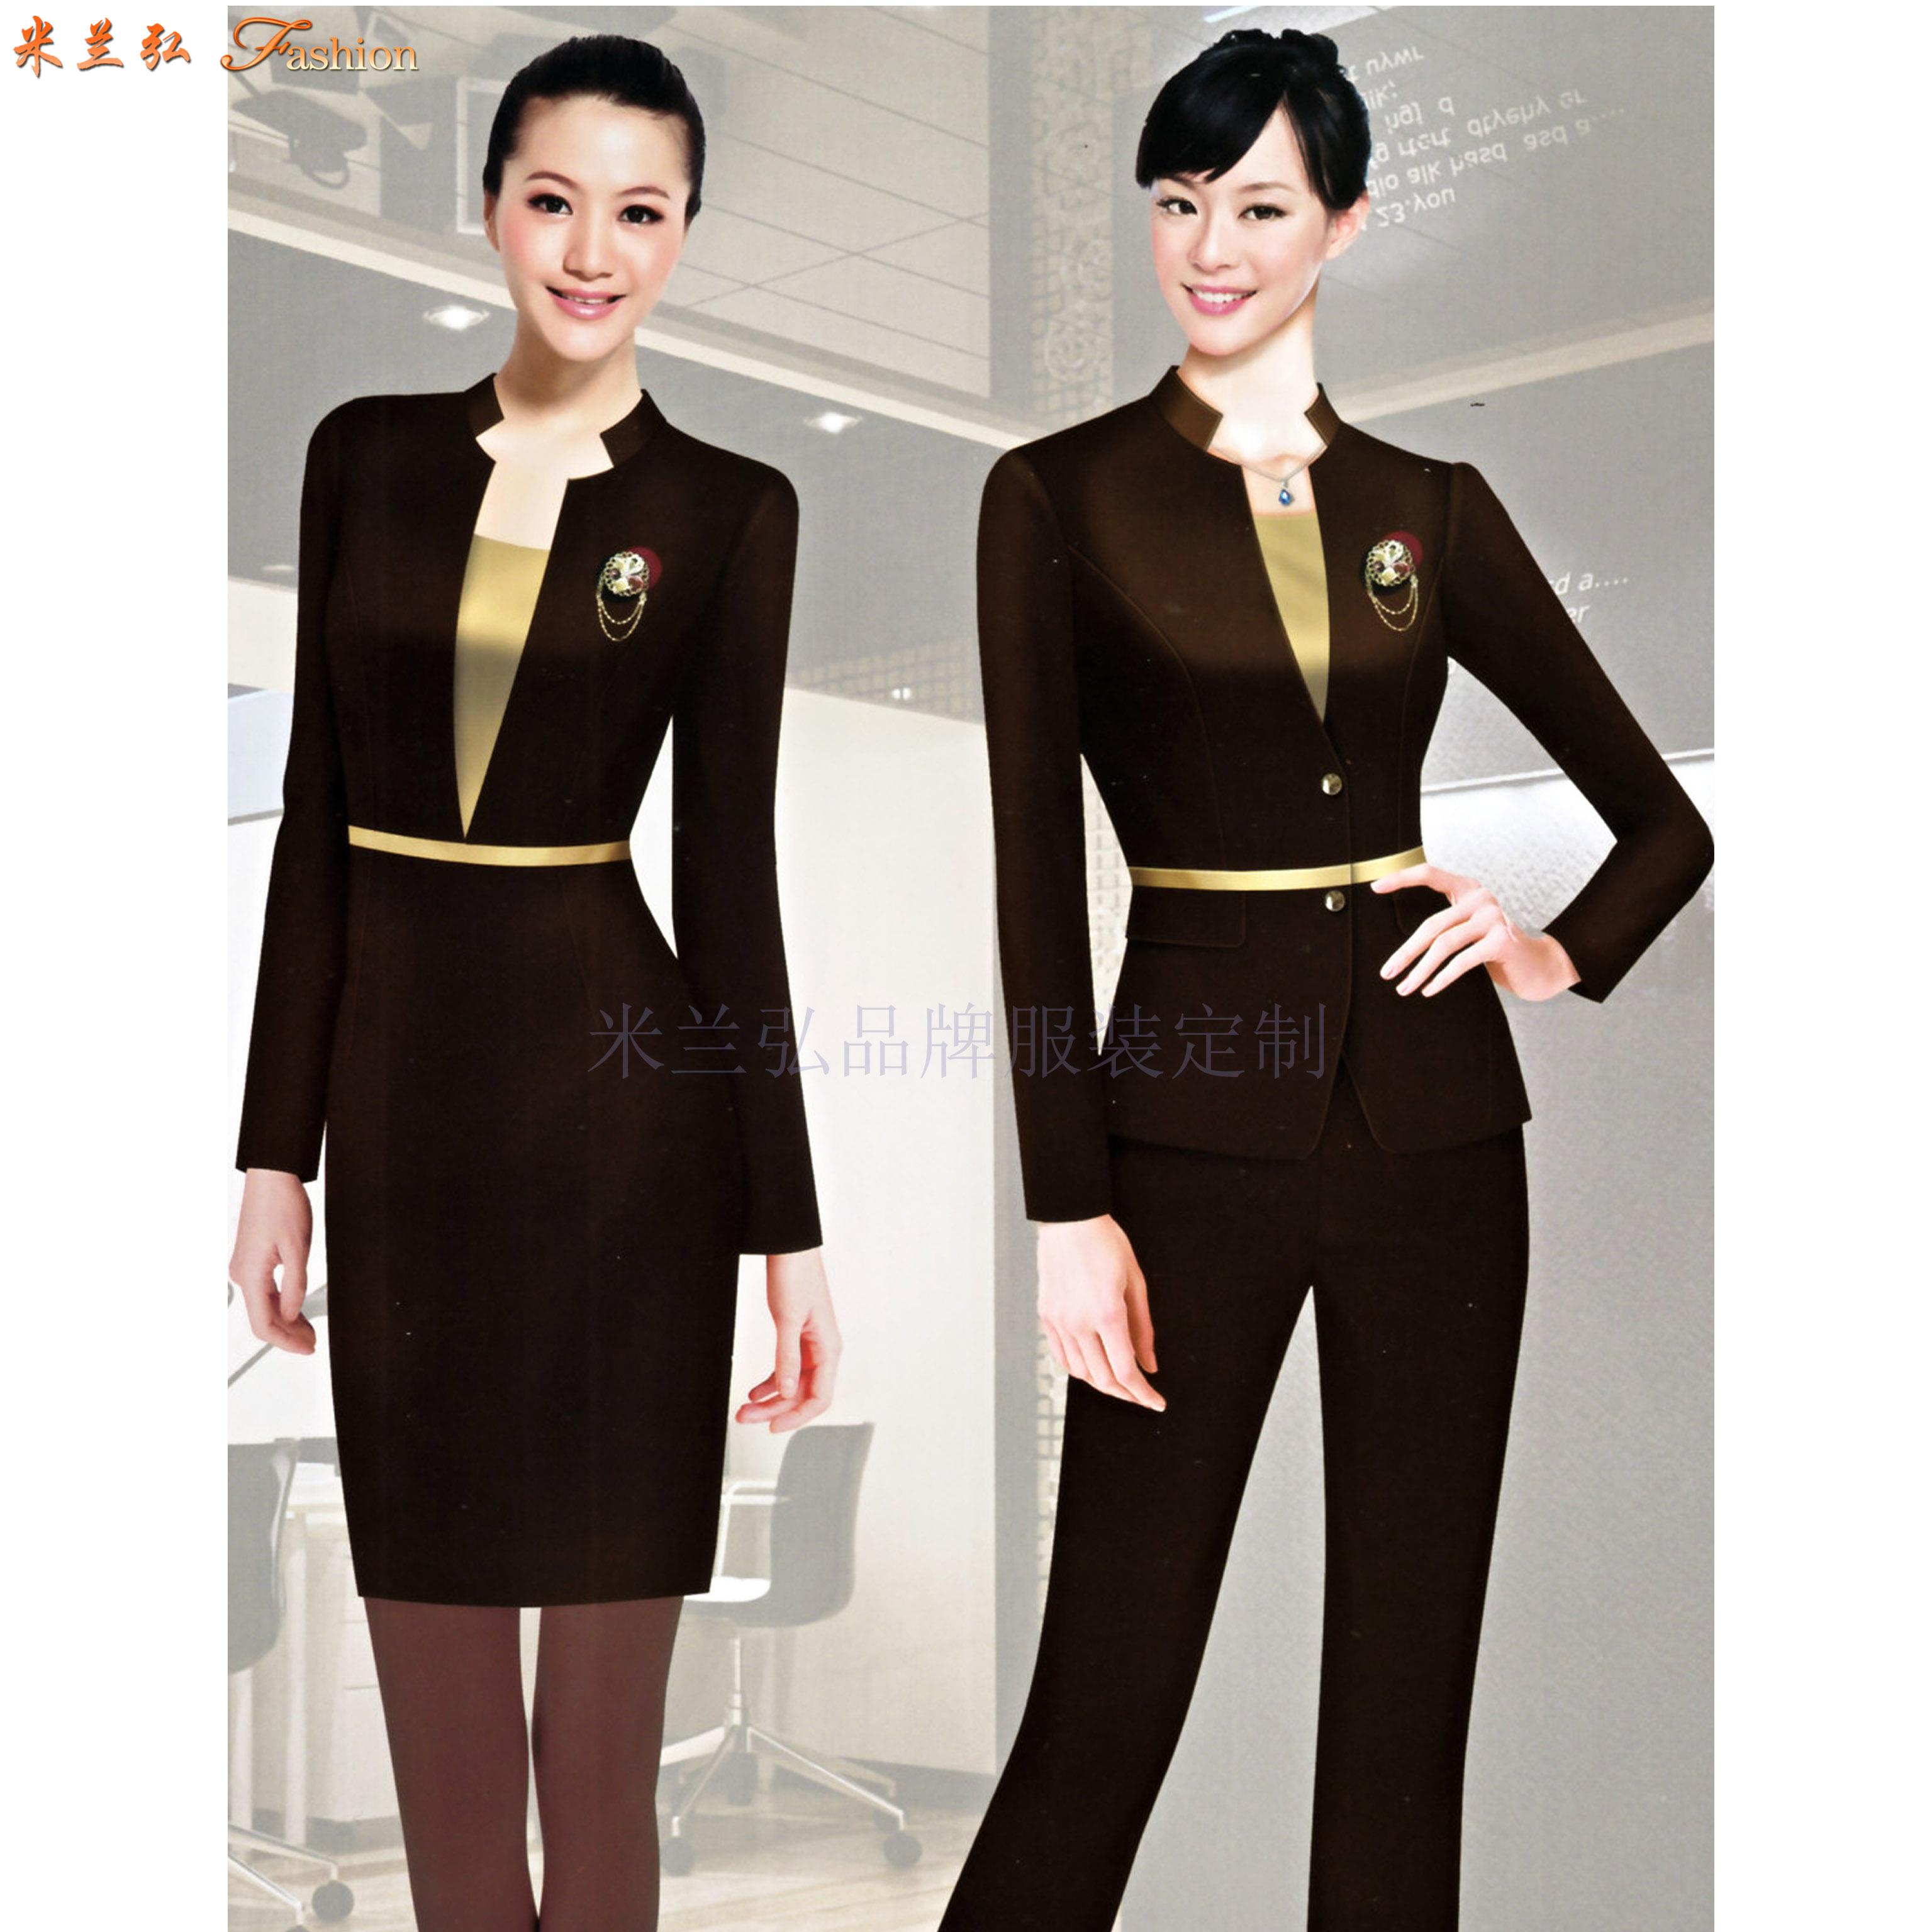 「服装设计」工作服设计的3个性质及类别-米兰弘服装-4